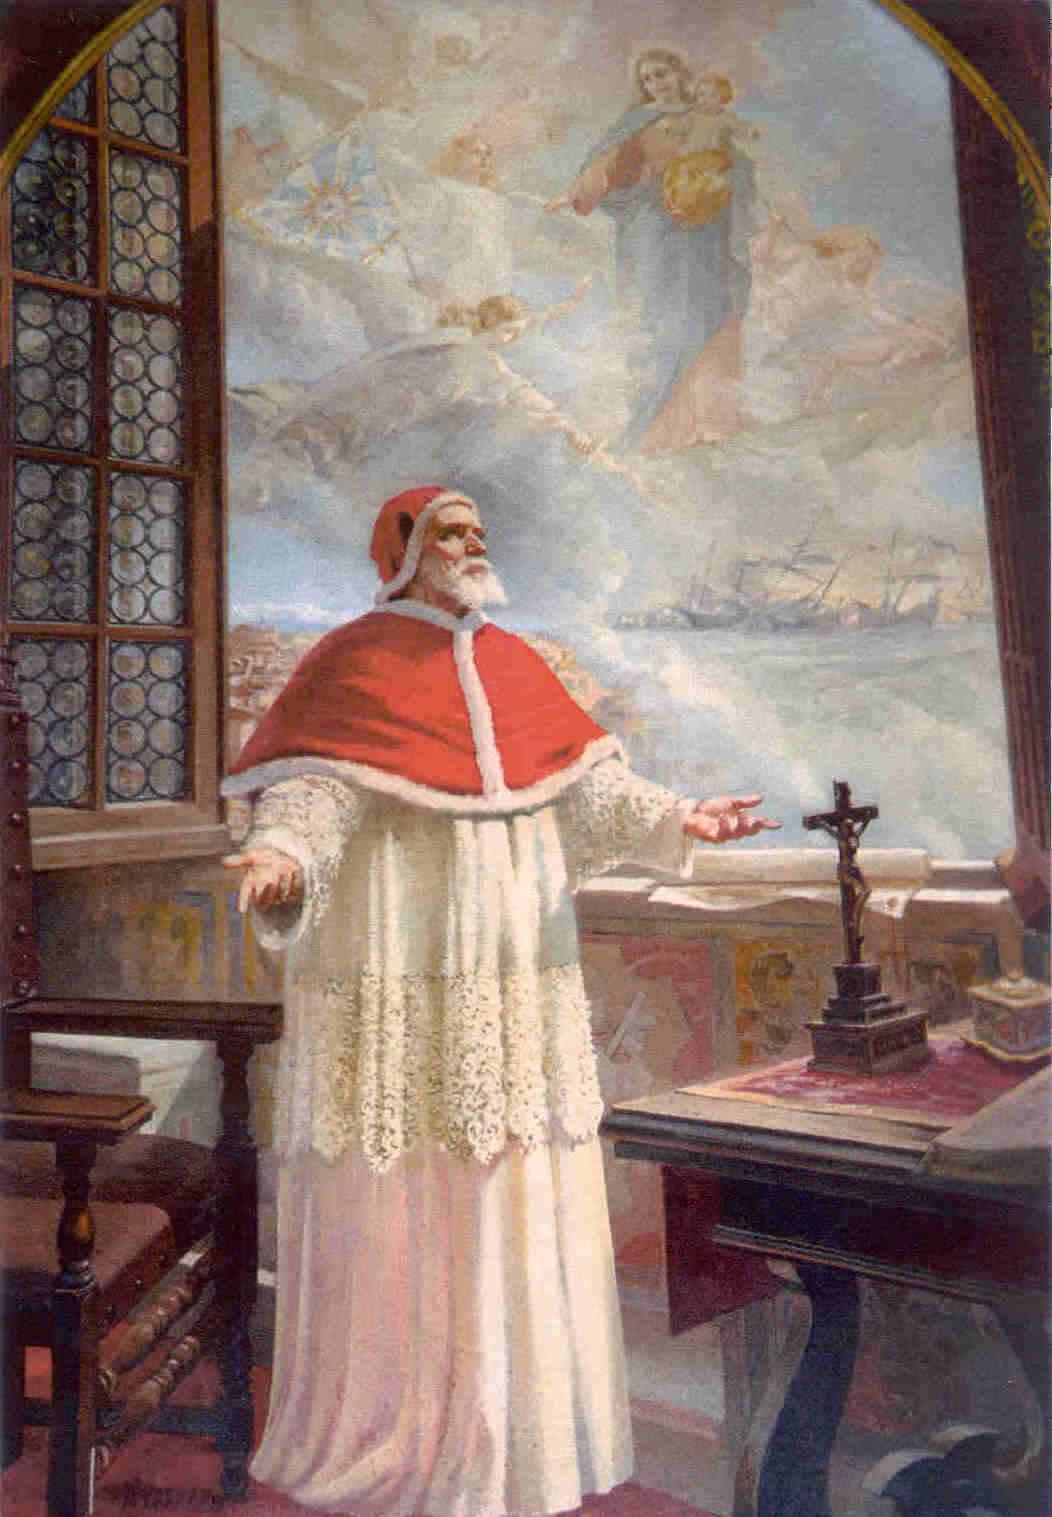 Sao Pio V